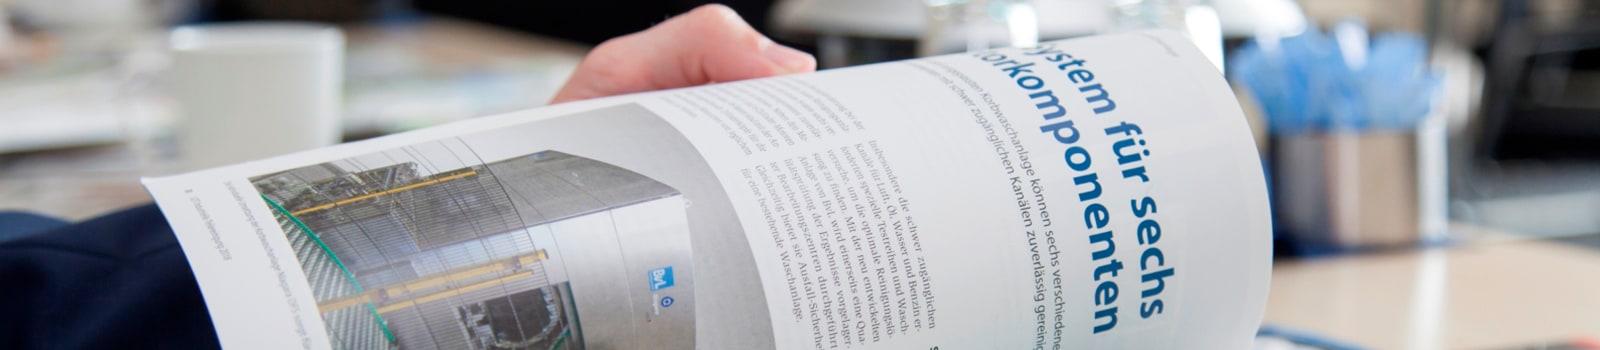 Presseartikel von BvL veröffentlicht in Fachzeitschriften